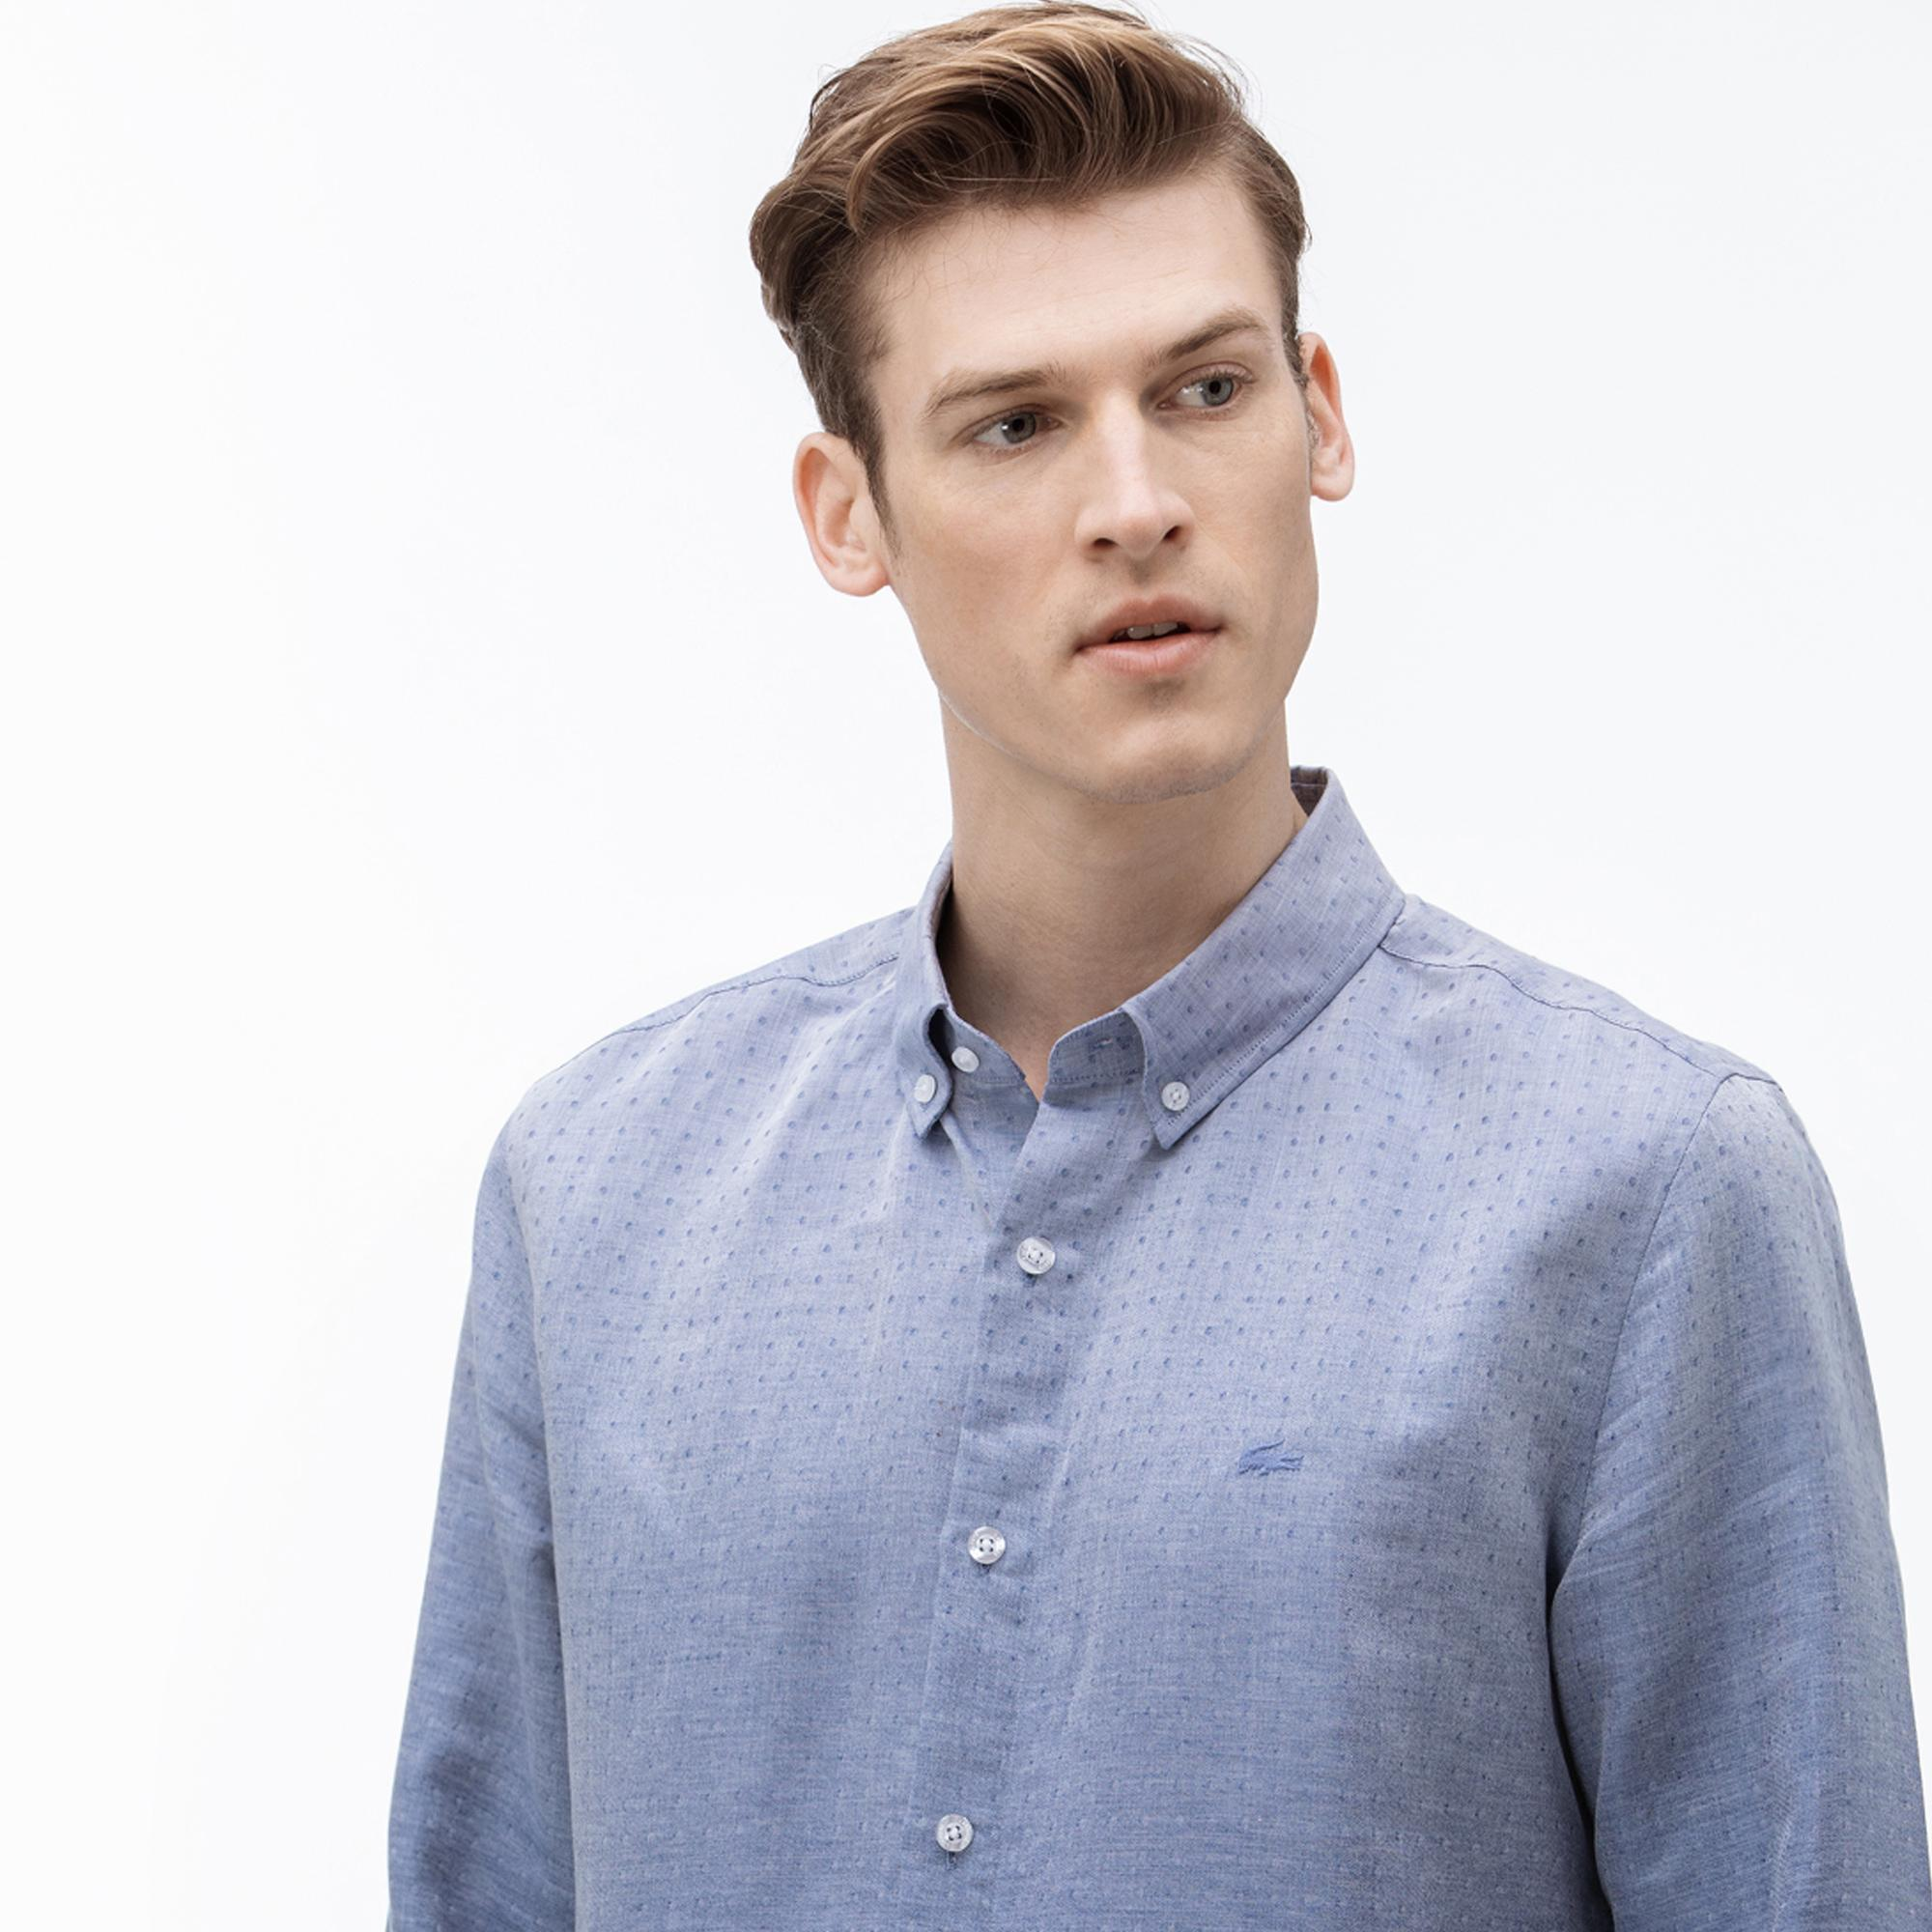 Lacoste Erkek Slim Fit Düğmeli Yaka Degrade Mavi Gömlek